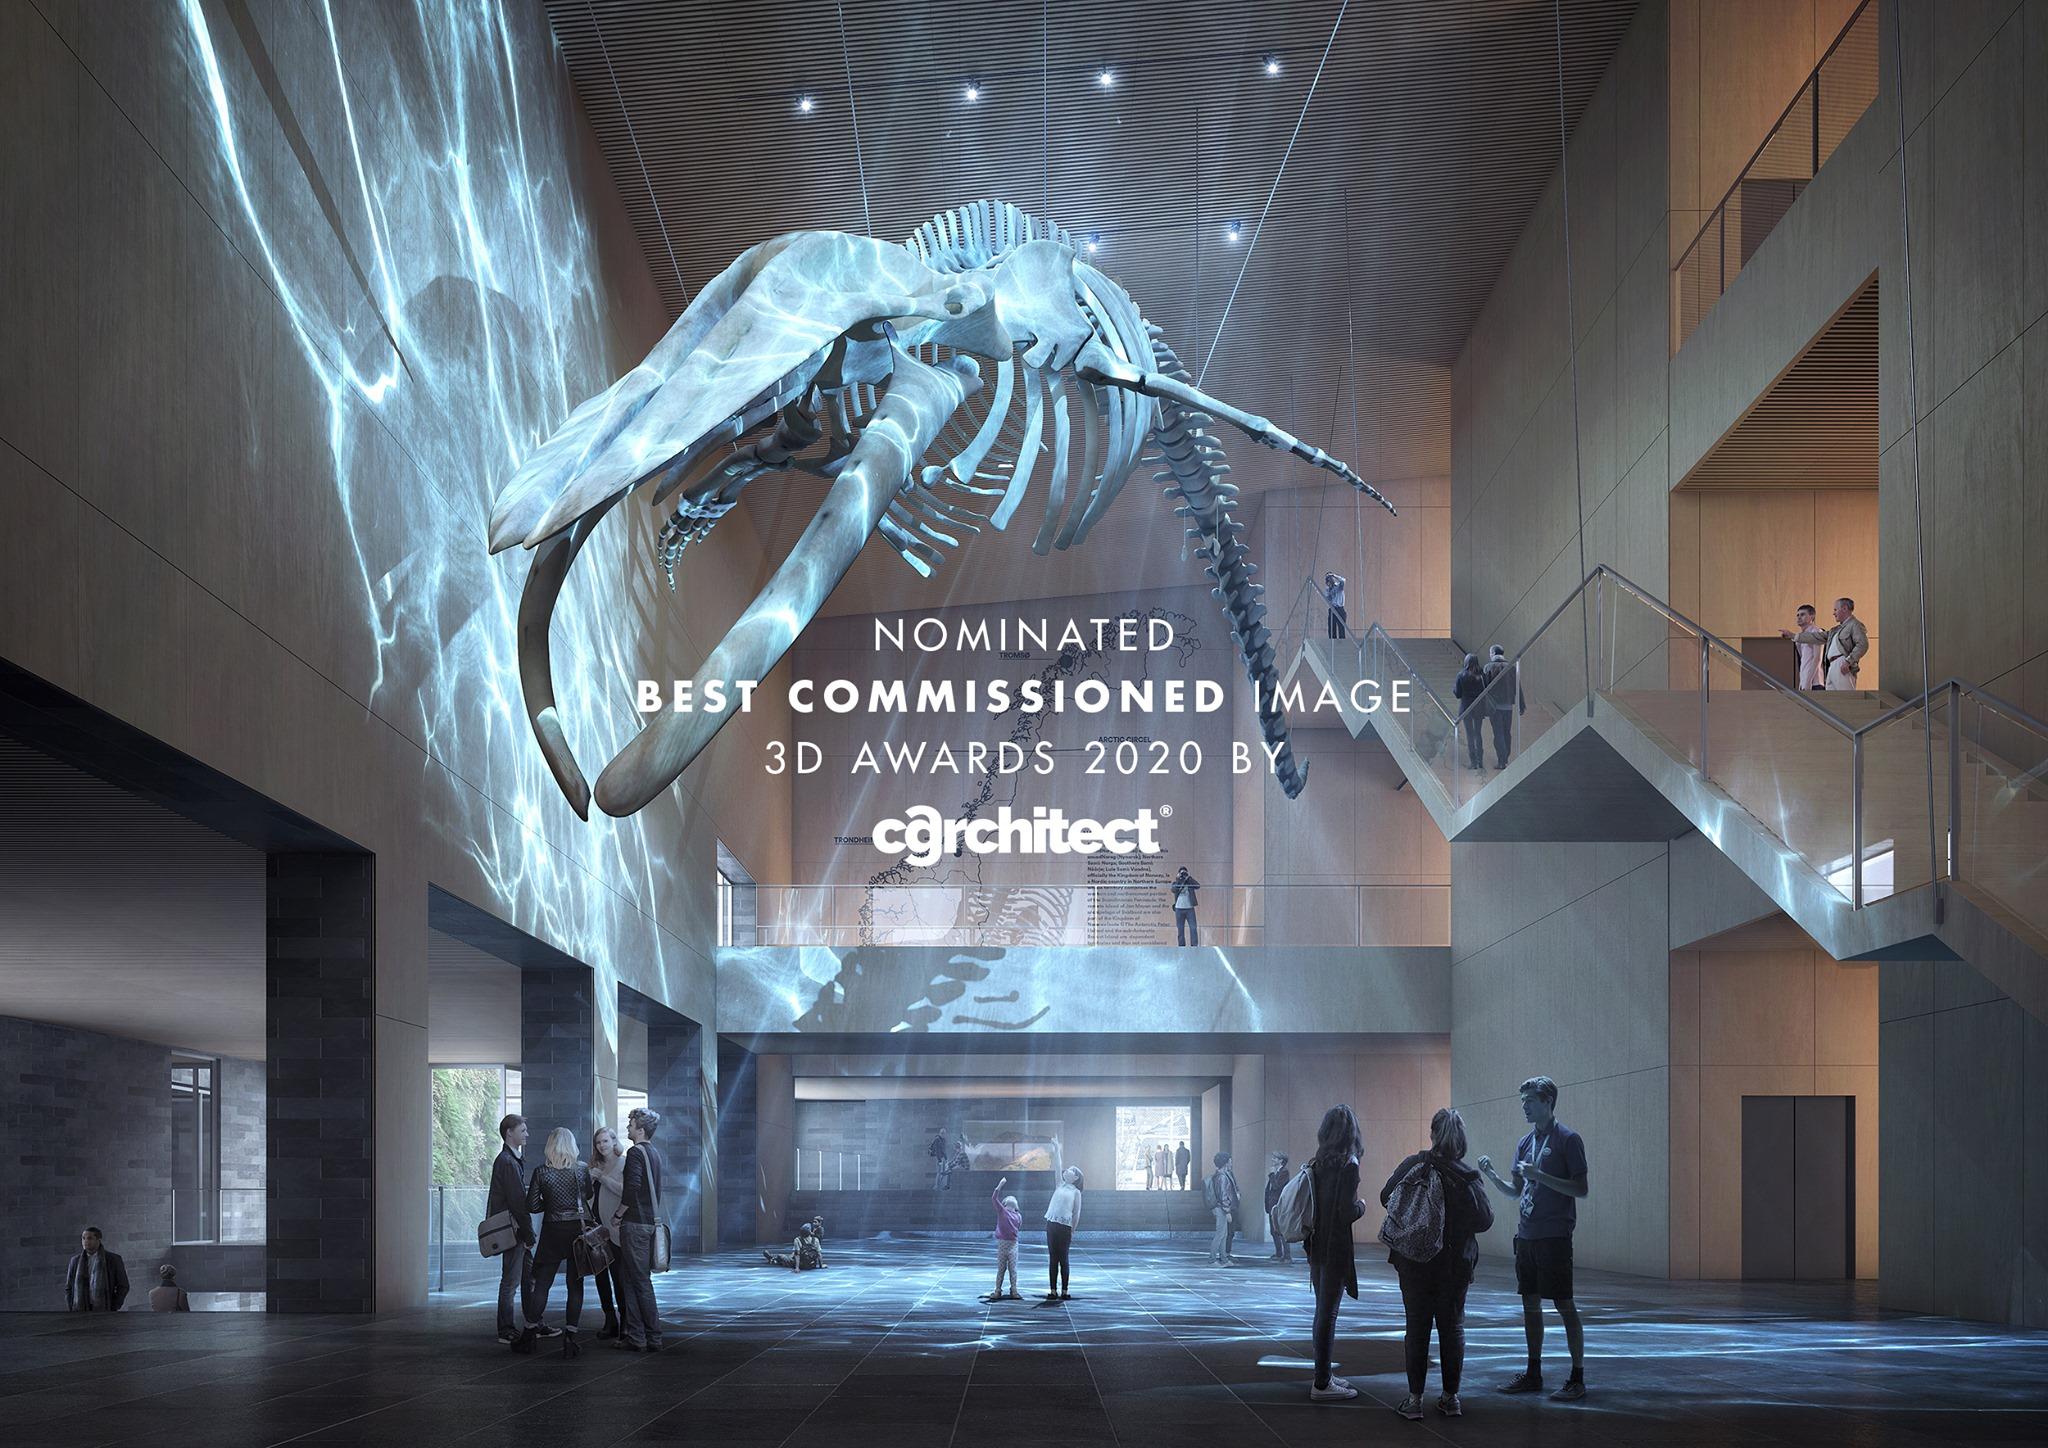 博物馆有着许多展览和研究设施,最大的展厅中悬挂着这个巨大的蓝鲸骨架。